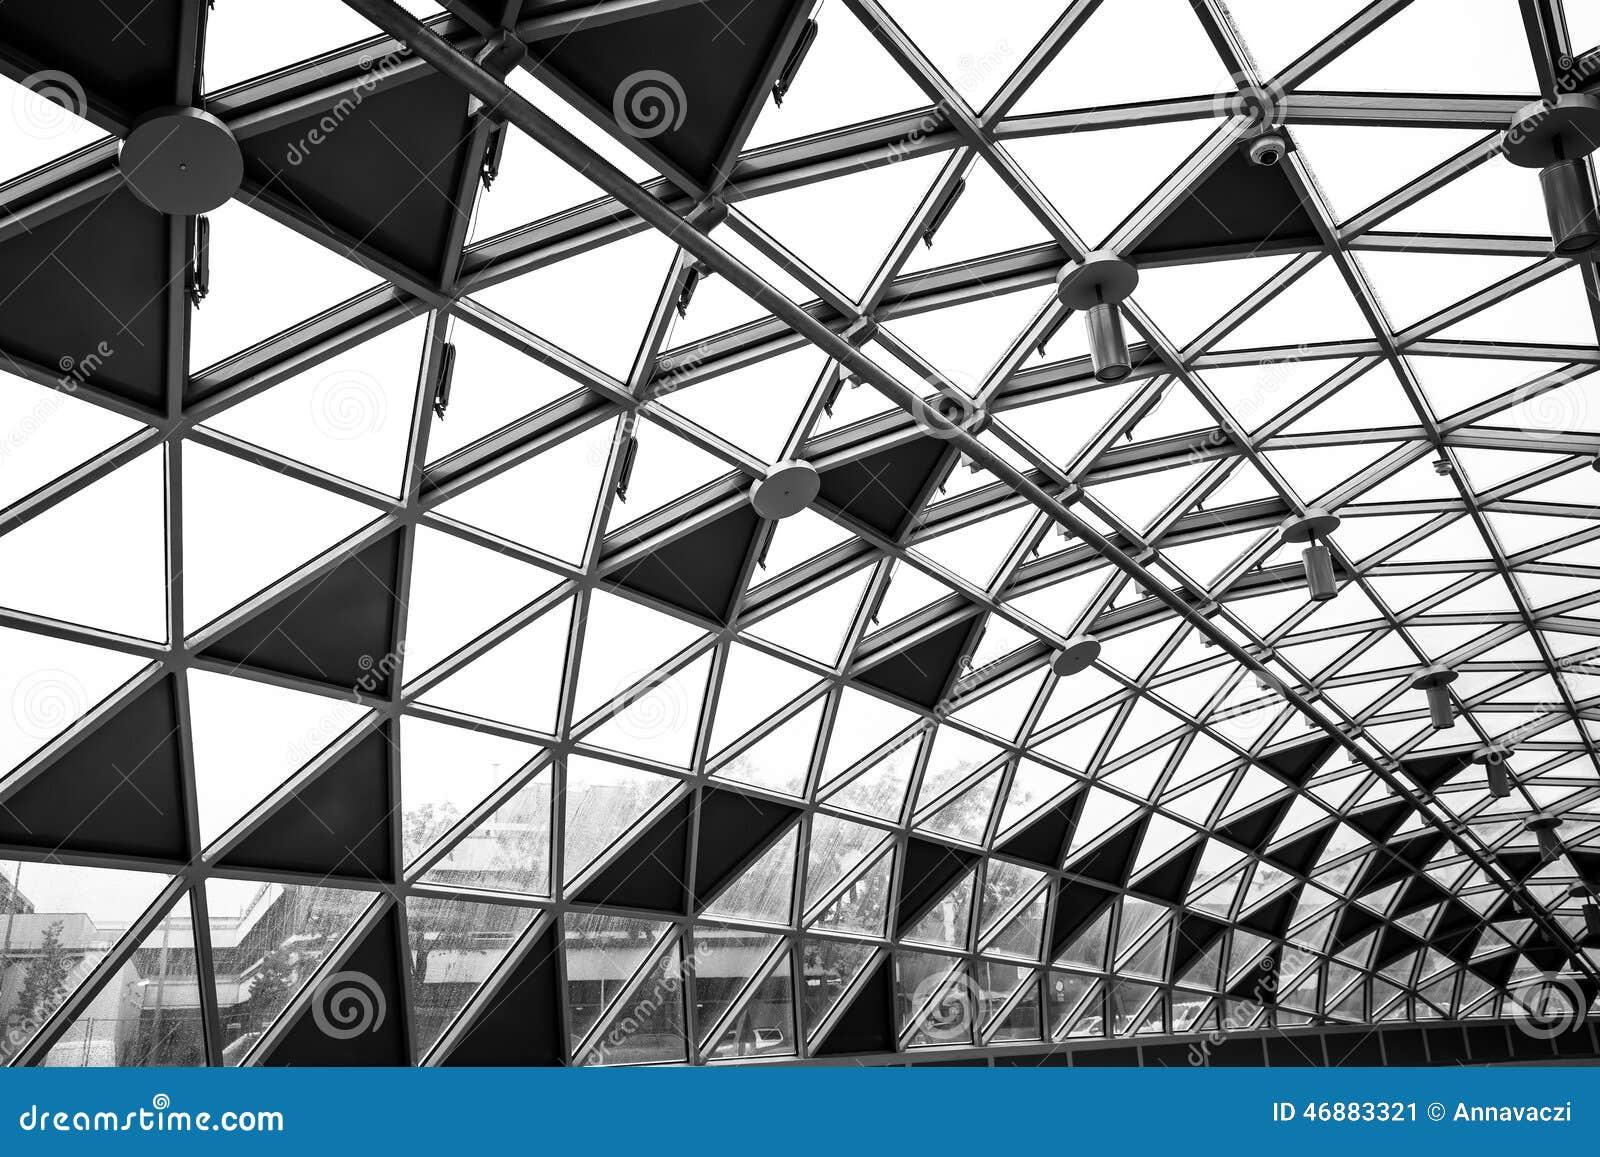 high tech modern architecture buildings. Modern Conceptual High Tech Building Architecture Buildings E